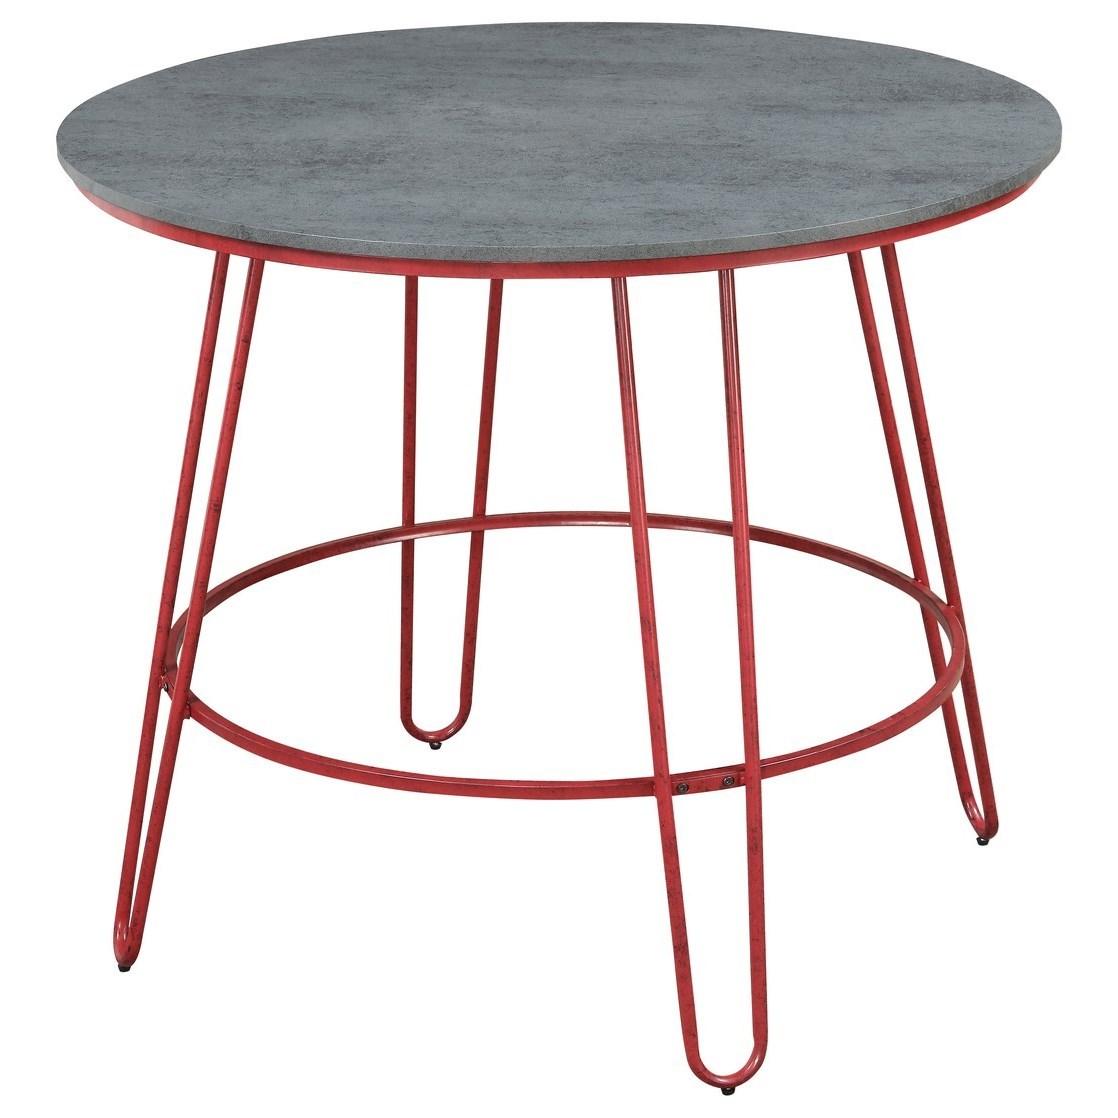 42'' Round Pub Table